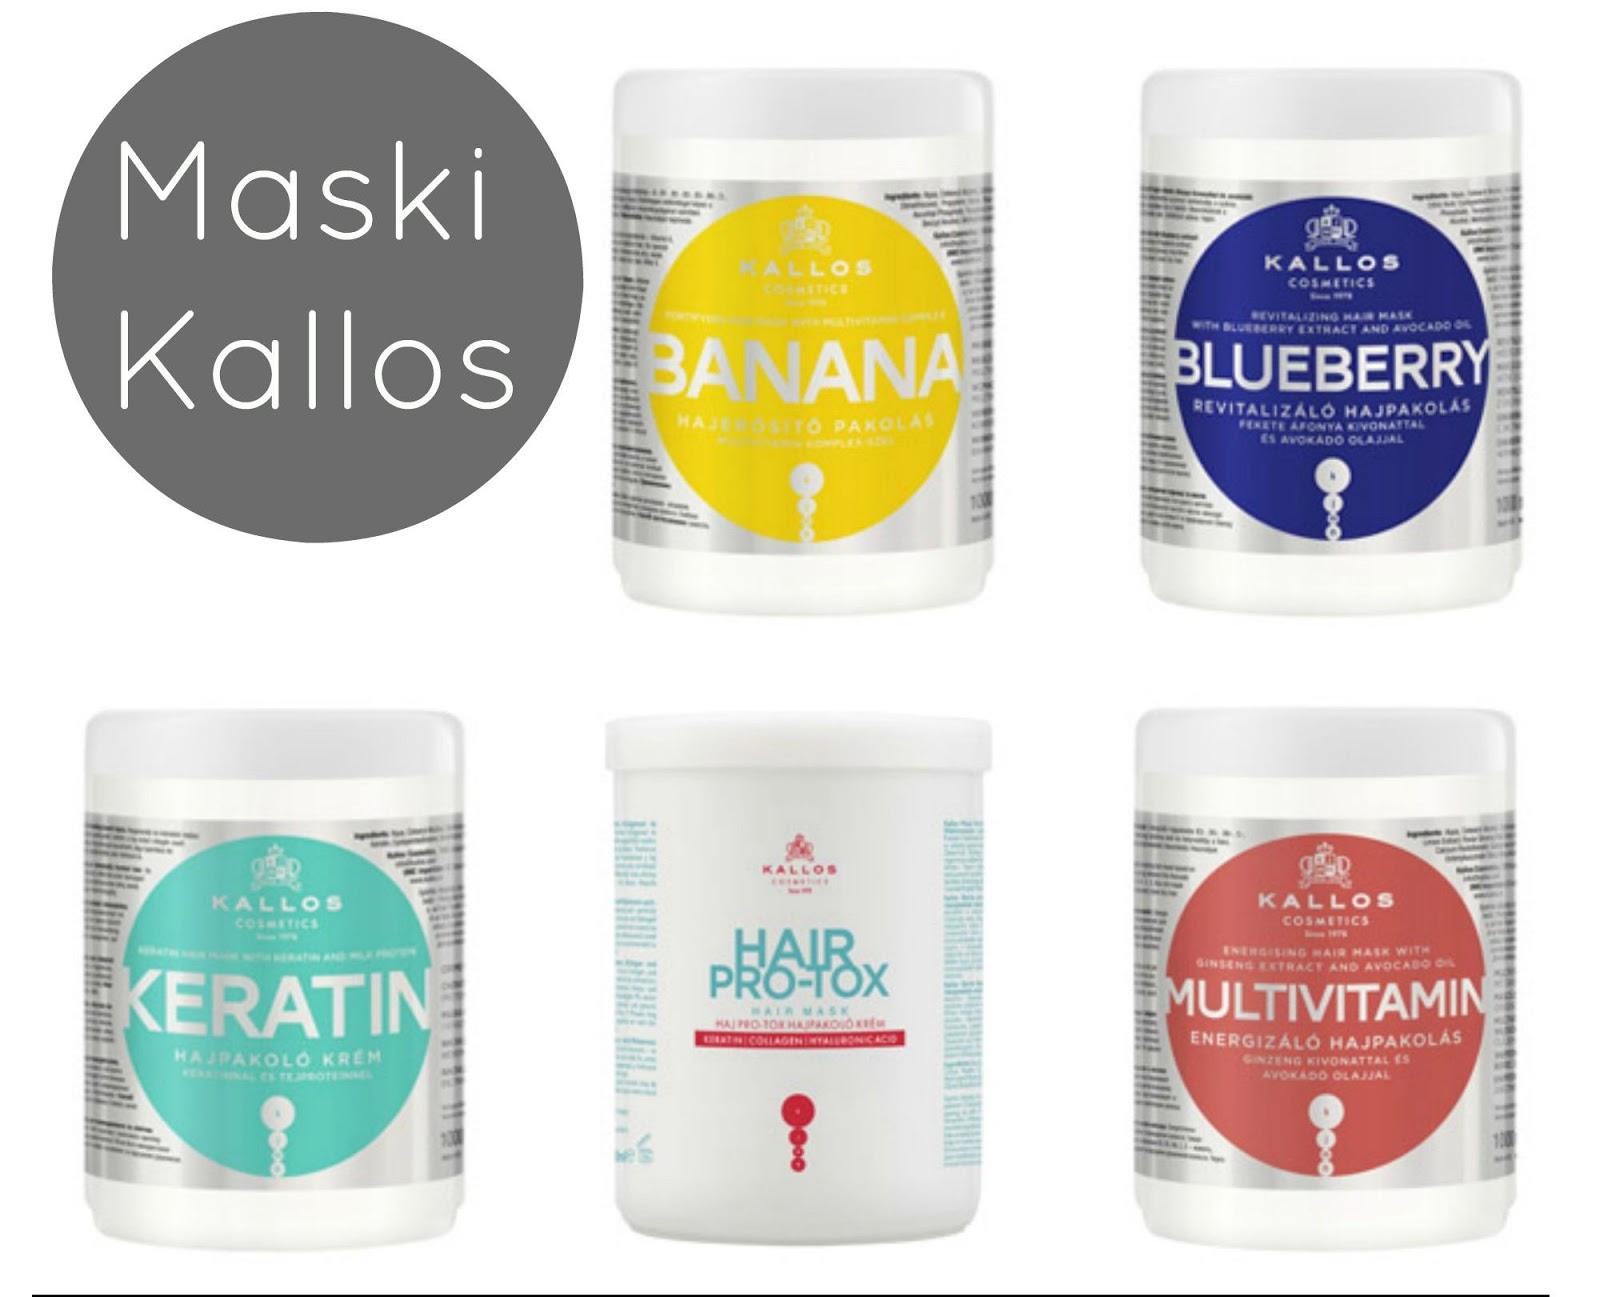 Ogromny Maski Kallos - rodzaje i porównanie. Która będzie najlepsza dla KO64